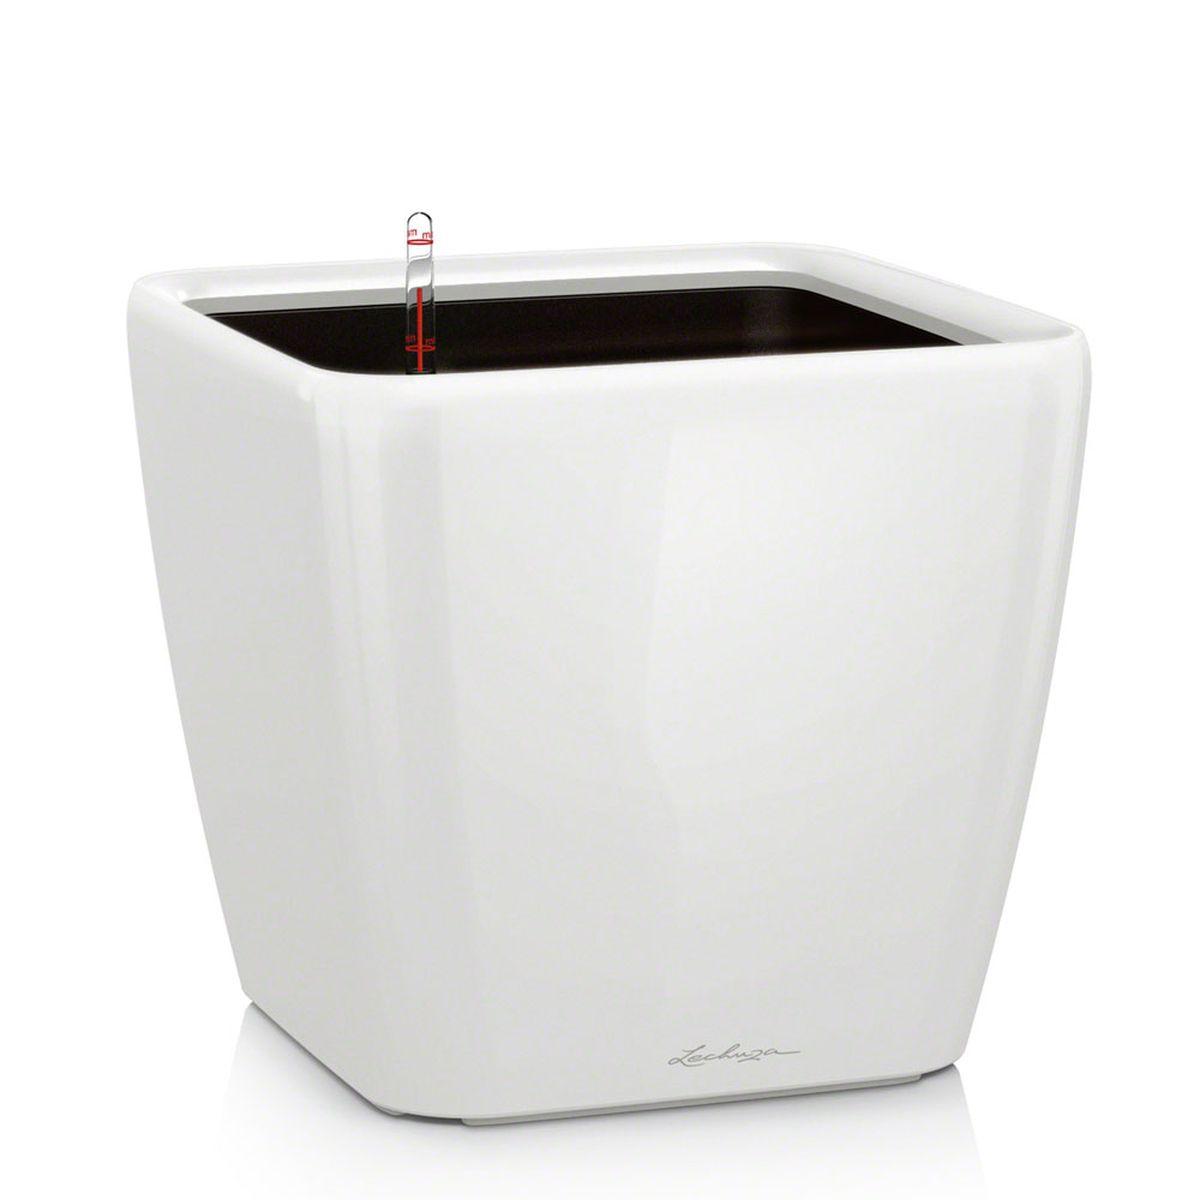 Кашпо Lechuza Quadro, с системой автополива, цвет: белый, 43 х 43 х 40 смZ-0307Кашпо Lechuza Quadro, выполненное из высококачественного пластика, имеет уникальную систему автополива, благодаря которой корневая система растения непрерывно снабжается влагой из резервуара. Уровень воды в резервуаре контролируется с помощью специального индикатора. В зависимости от размера кашпо и растения воды хватает на 2-12 недель. Это способствует хорошему росту цветов и предотвращает переувлажнение.В набор входит: кашпо, внутренний горшок, индикатор уровня воды, вал подачи воды, субстрат растений в качестве дренажного слоя, резервуар для воды.Кашпо Lechuza Quadro прекрасно впишется в любой интерьер. Оно поможет расставить нужные акценты, а также придаст помещению вид, соответствующий вашим представлениям.